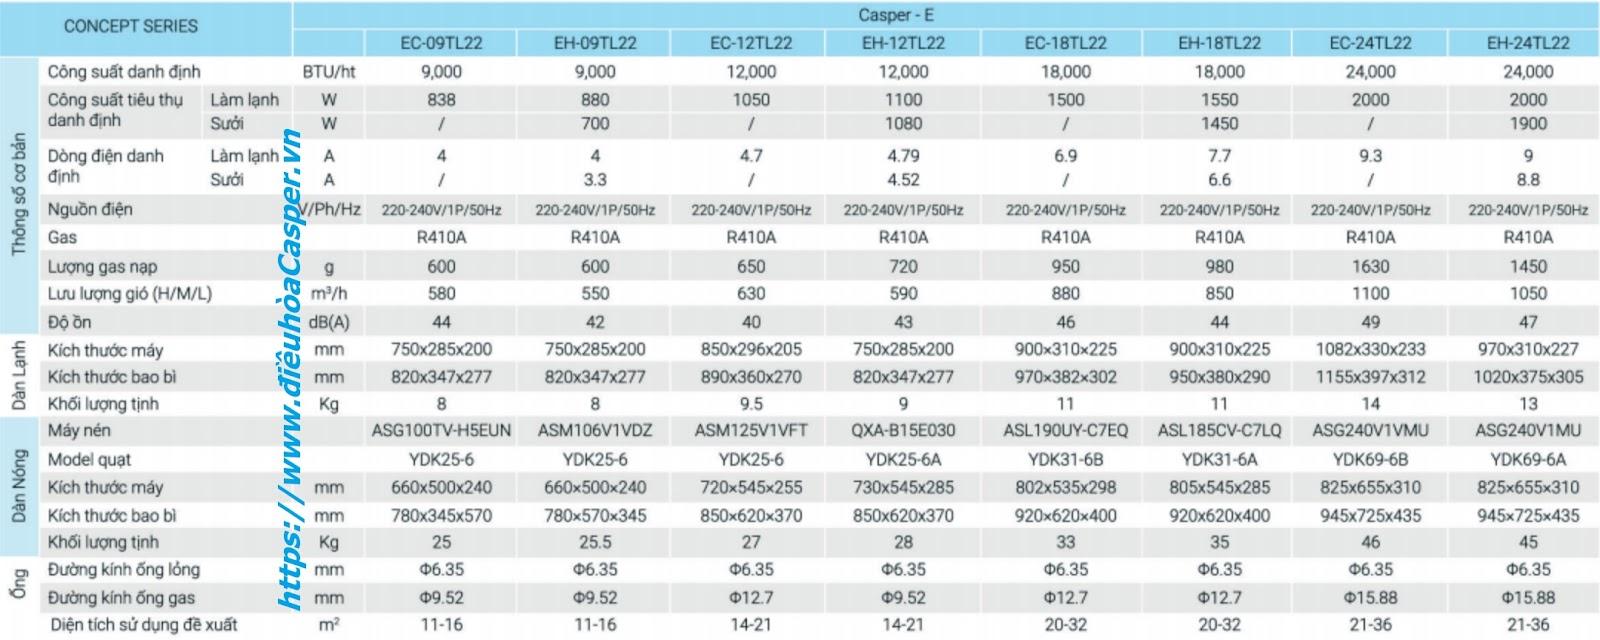 THÔNG SỐ KỸ THUẬT ĐIỀU HÒA CASPER 18000BTU 2 CHIỀU EH-18TL22